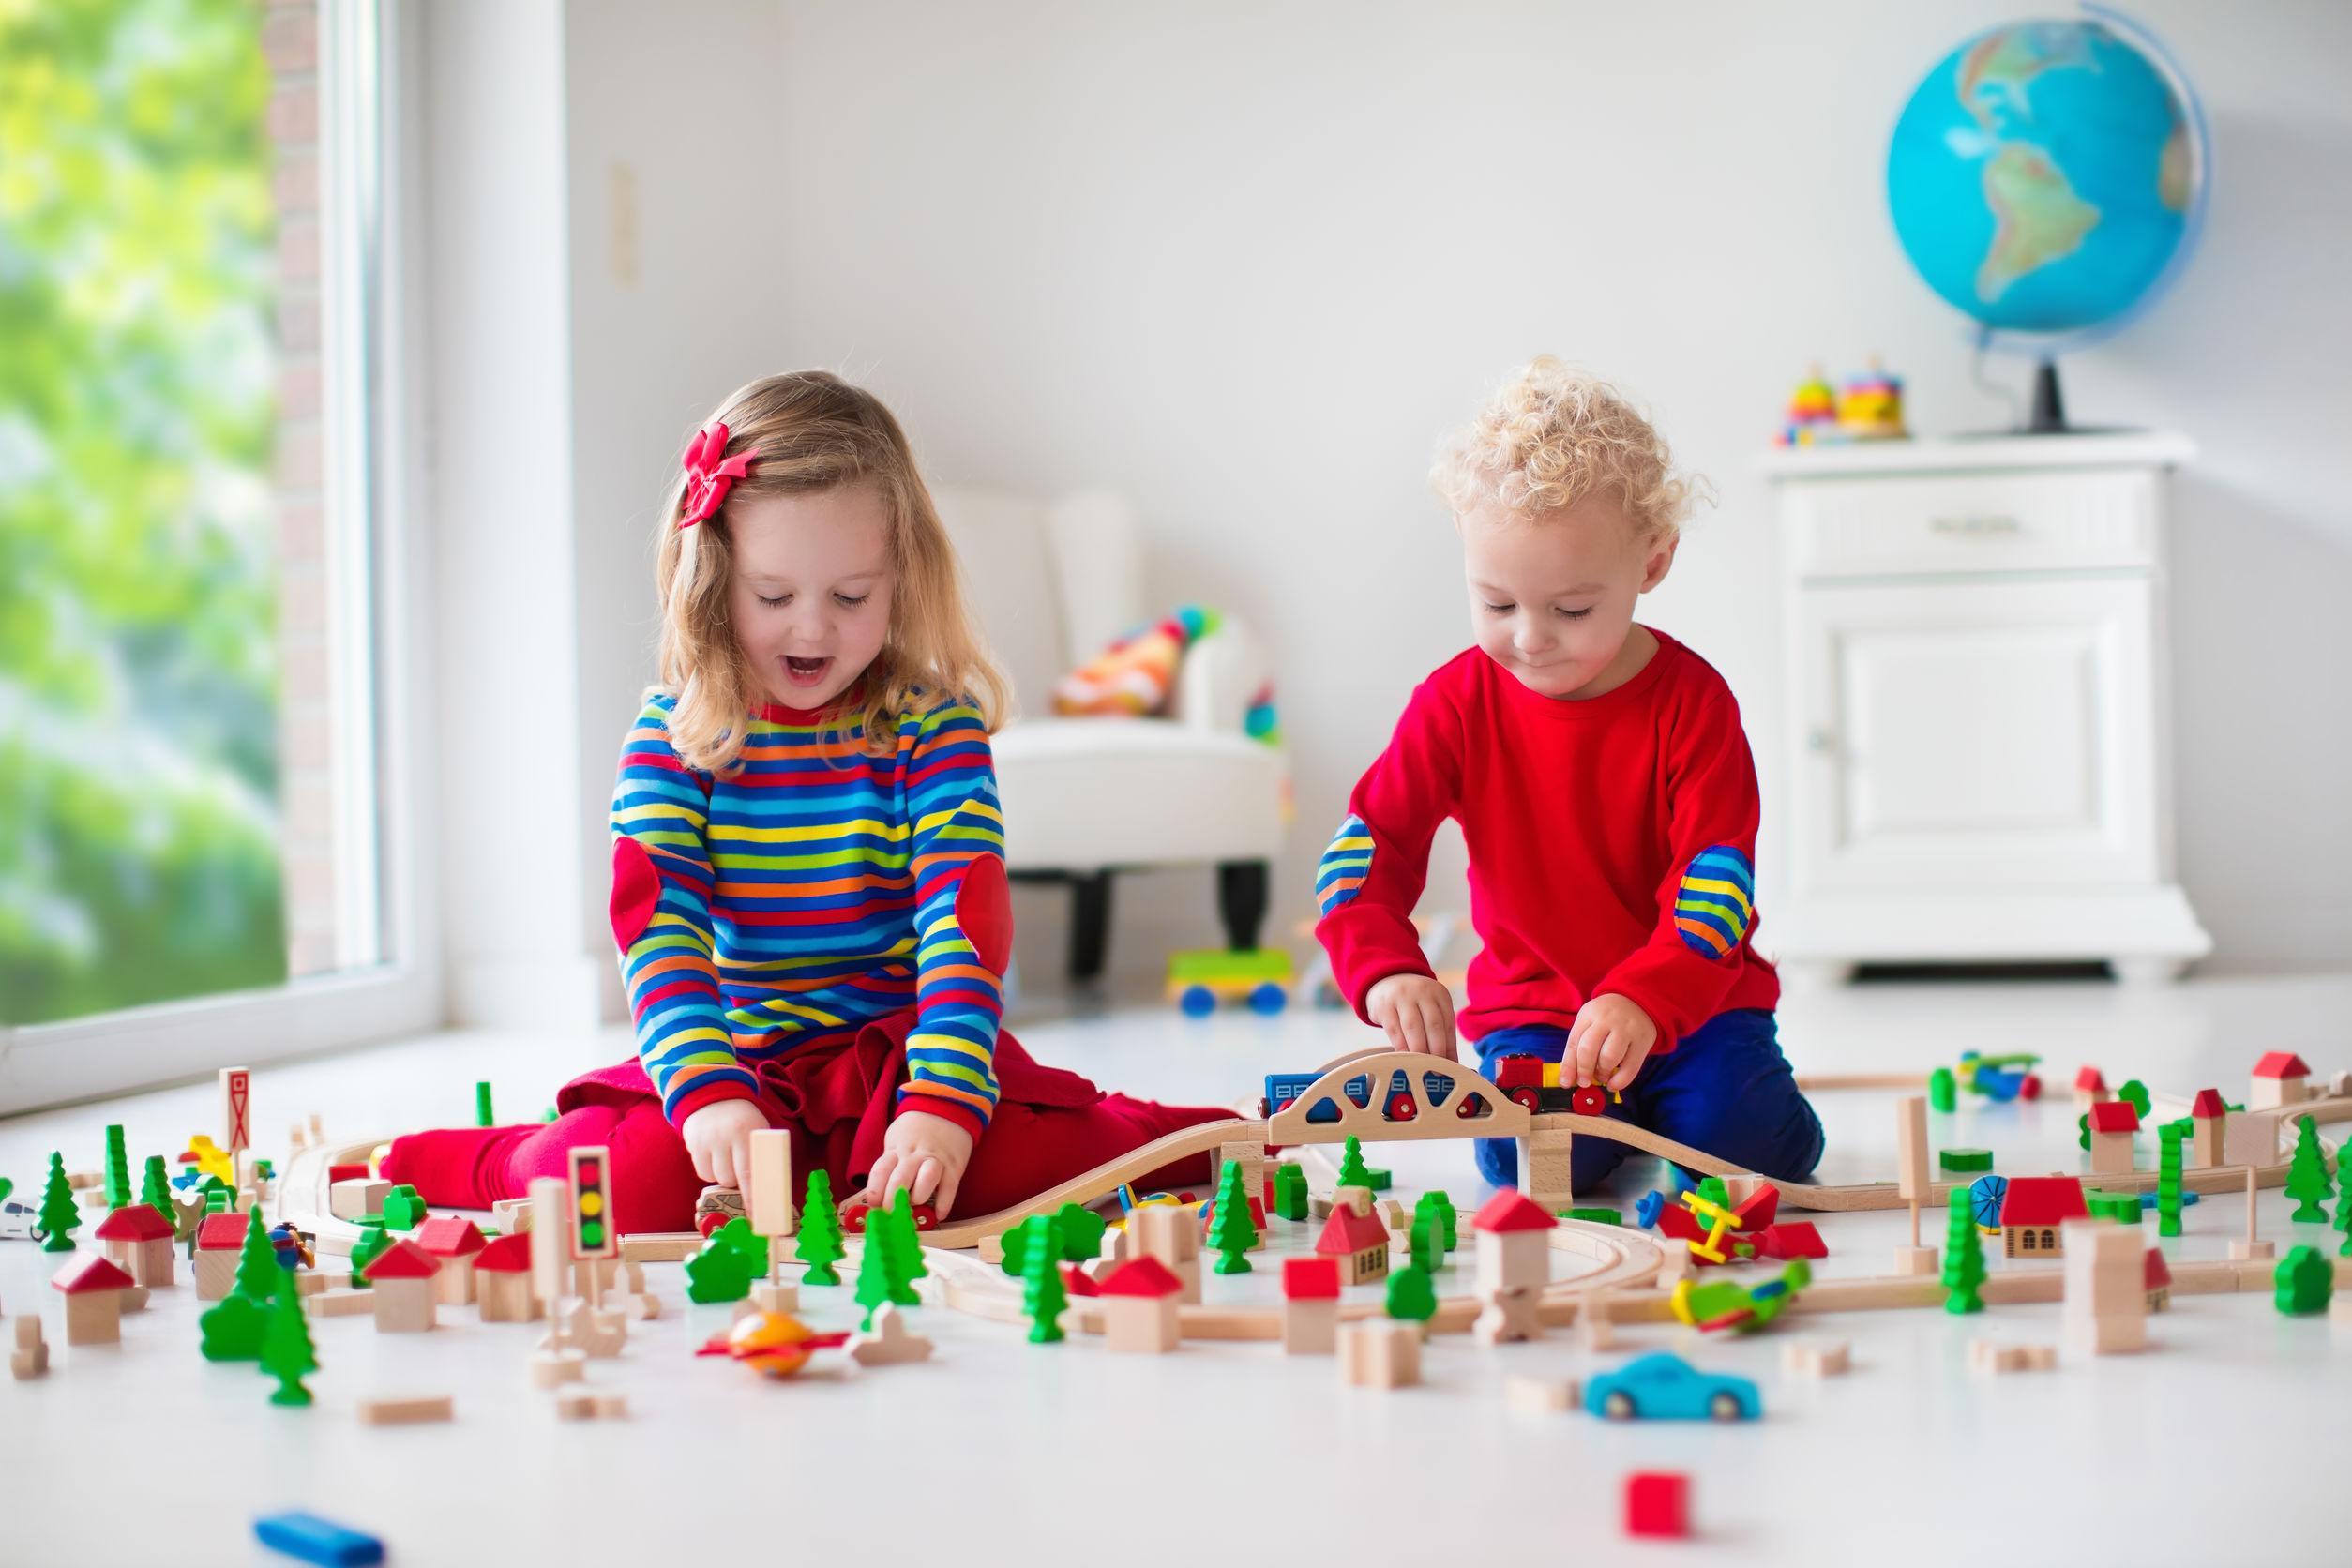 Juguetes para niños de dos años: ¿Cuál es el mejor del 2021?